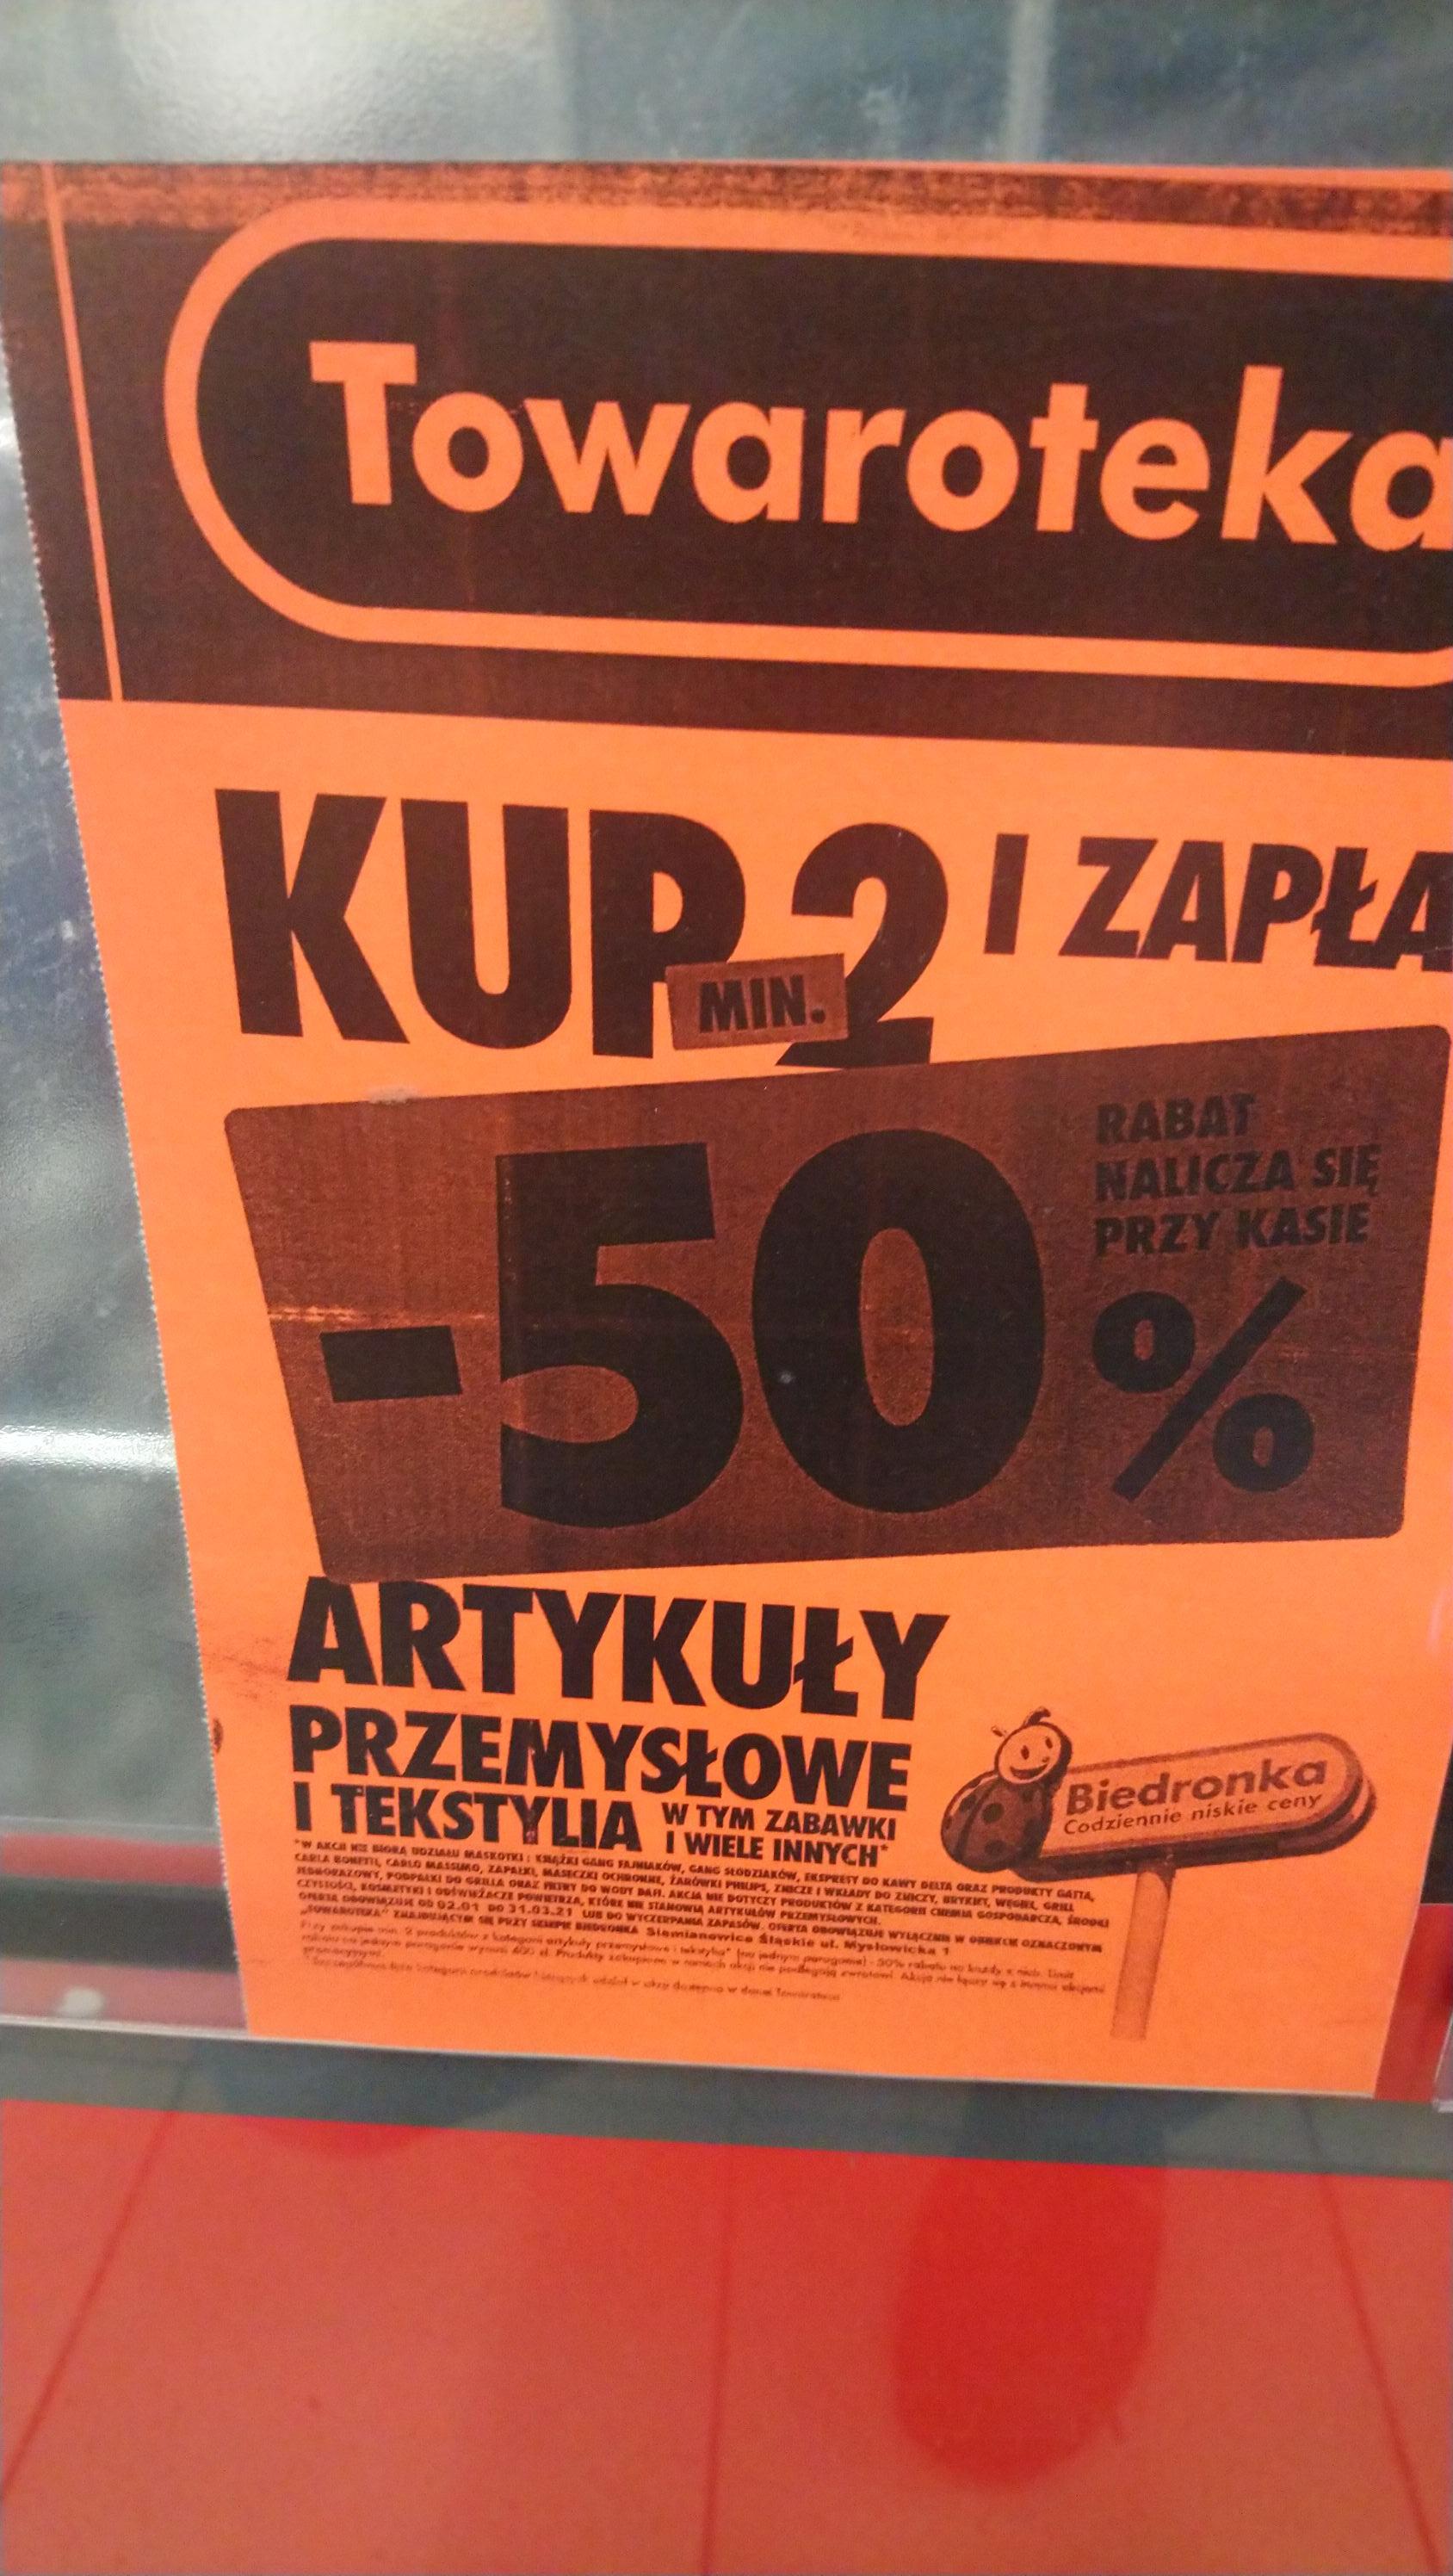 Kup minimum 2 produkty przemysłowe, tekstylne, zabawki i zapłać - 50% na każdy z nich Biedronka Towaroteka Siemianowice Śl, Mysłowicka